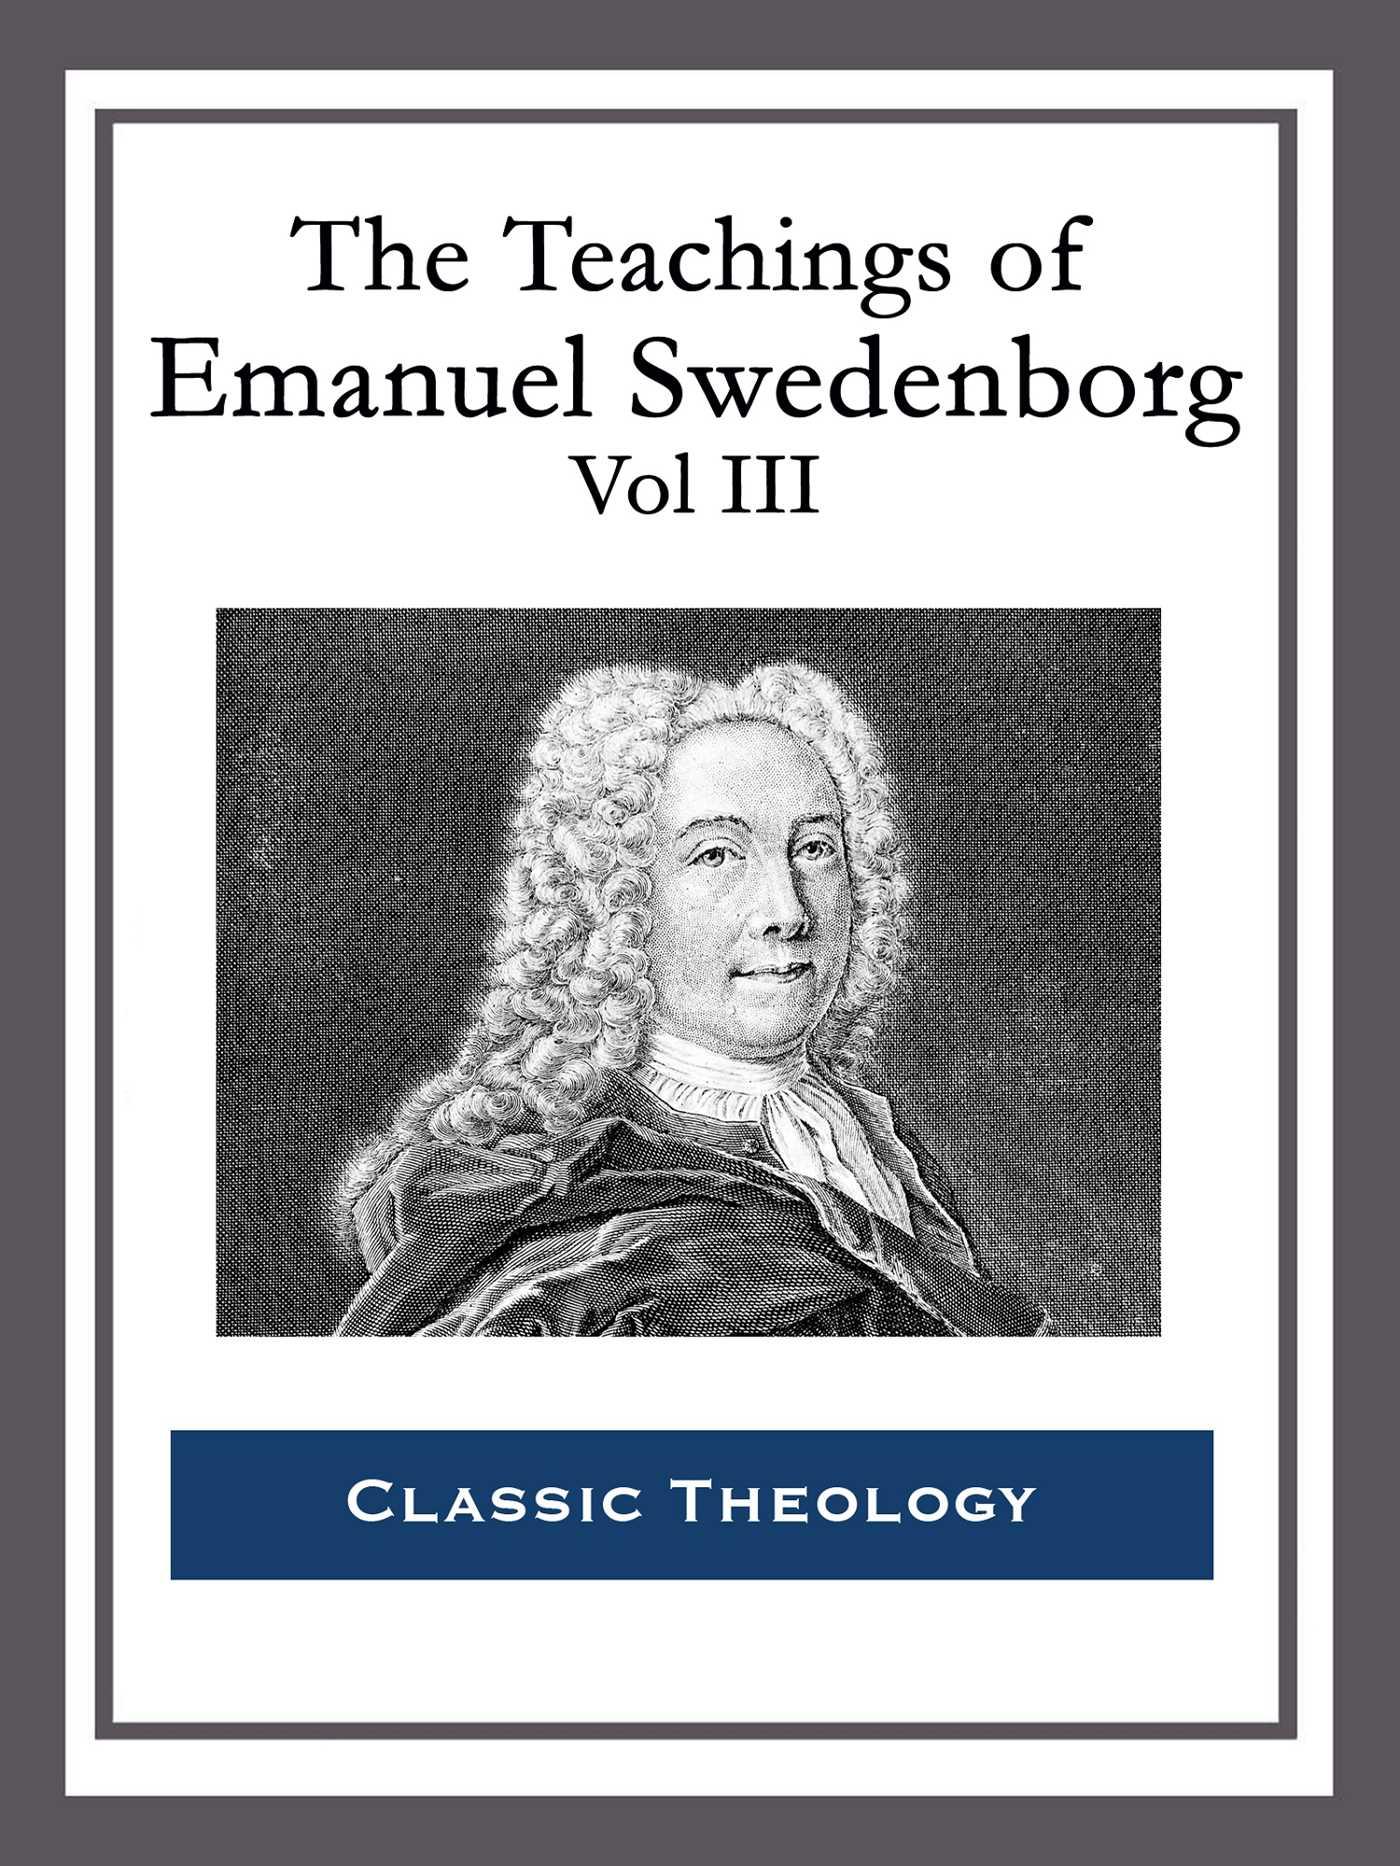 The teachings of emanuel swedenborg vol iii 9781682995174 hr